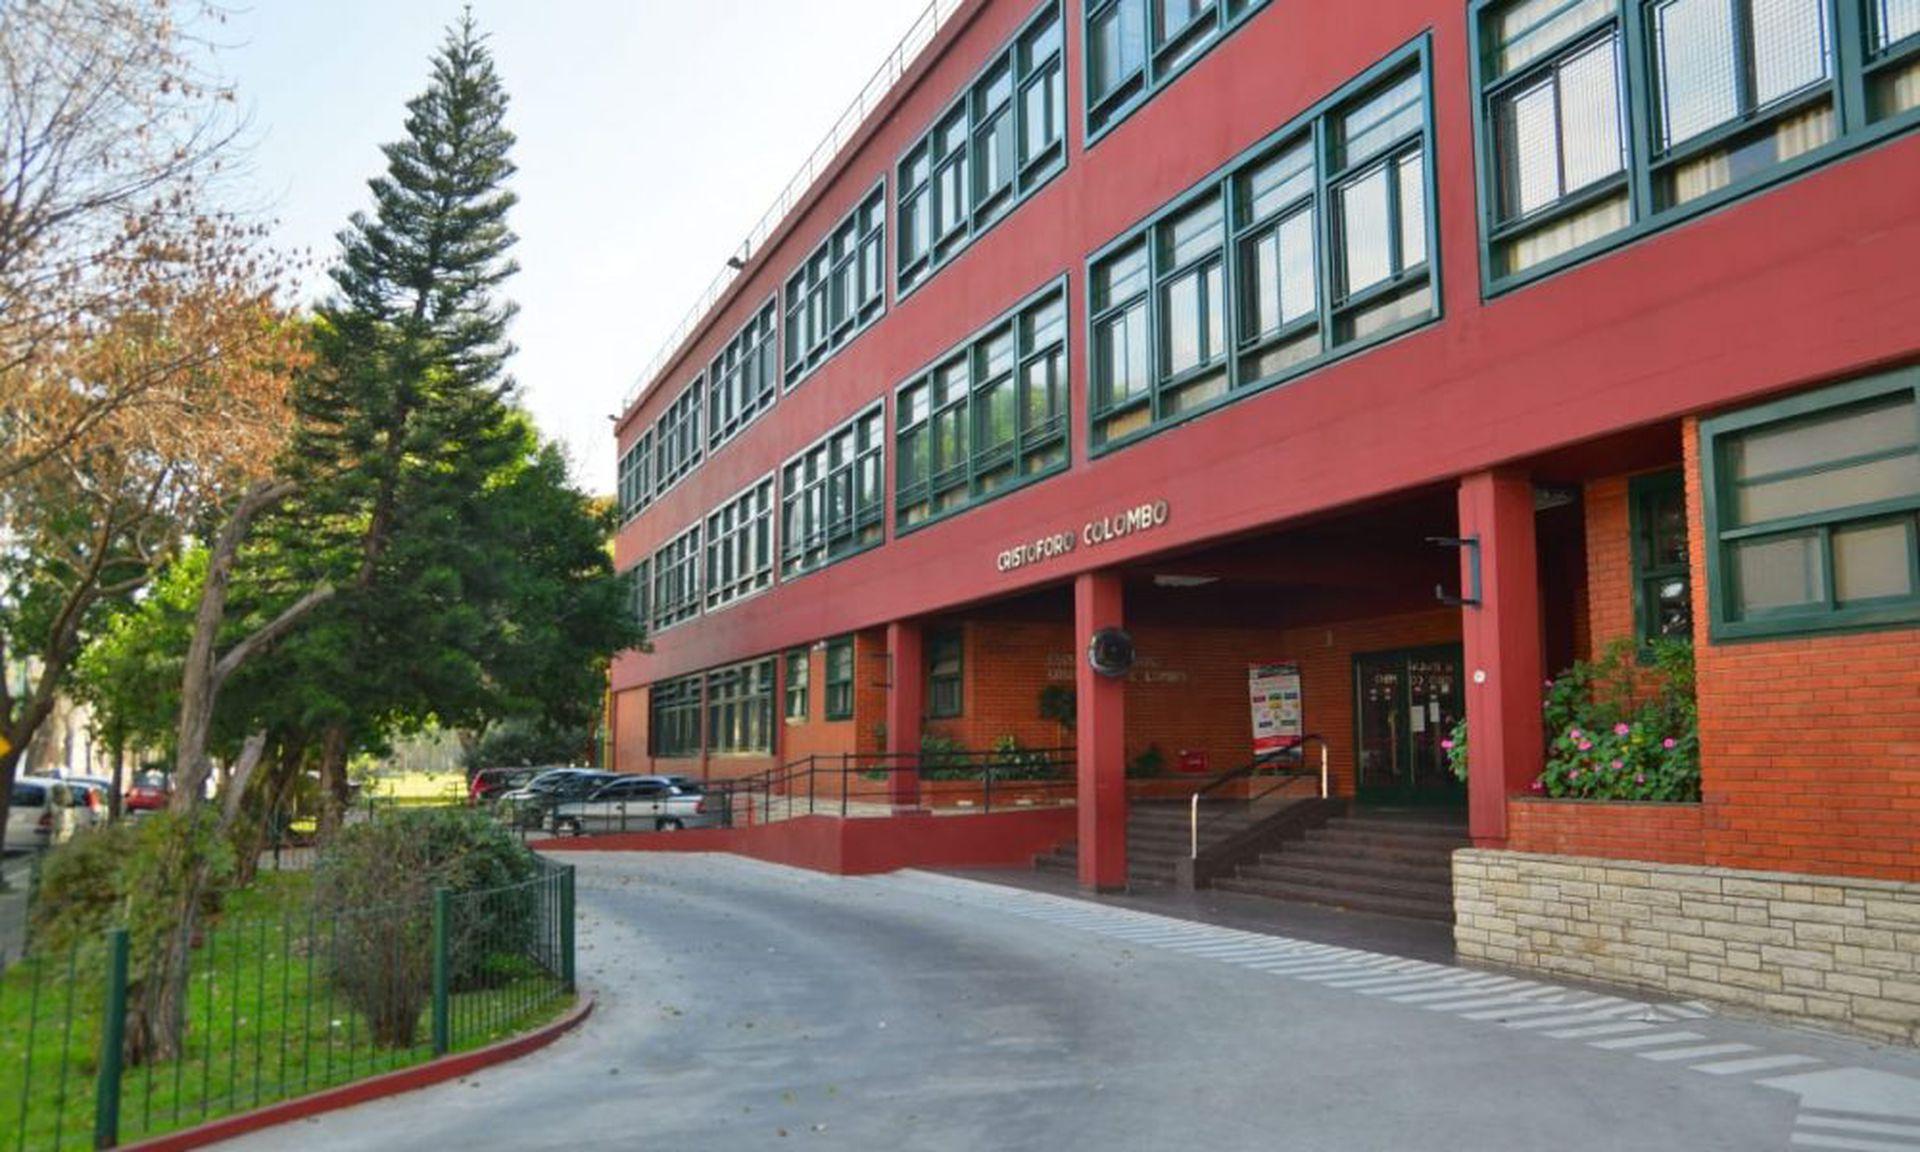 El colegio Cristoforo Colombo dicta un 50% de clases en italiano y otro 50% en español, más inglés